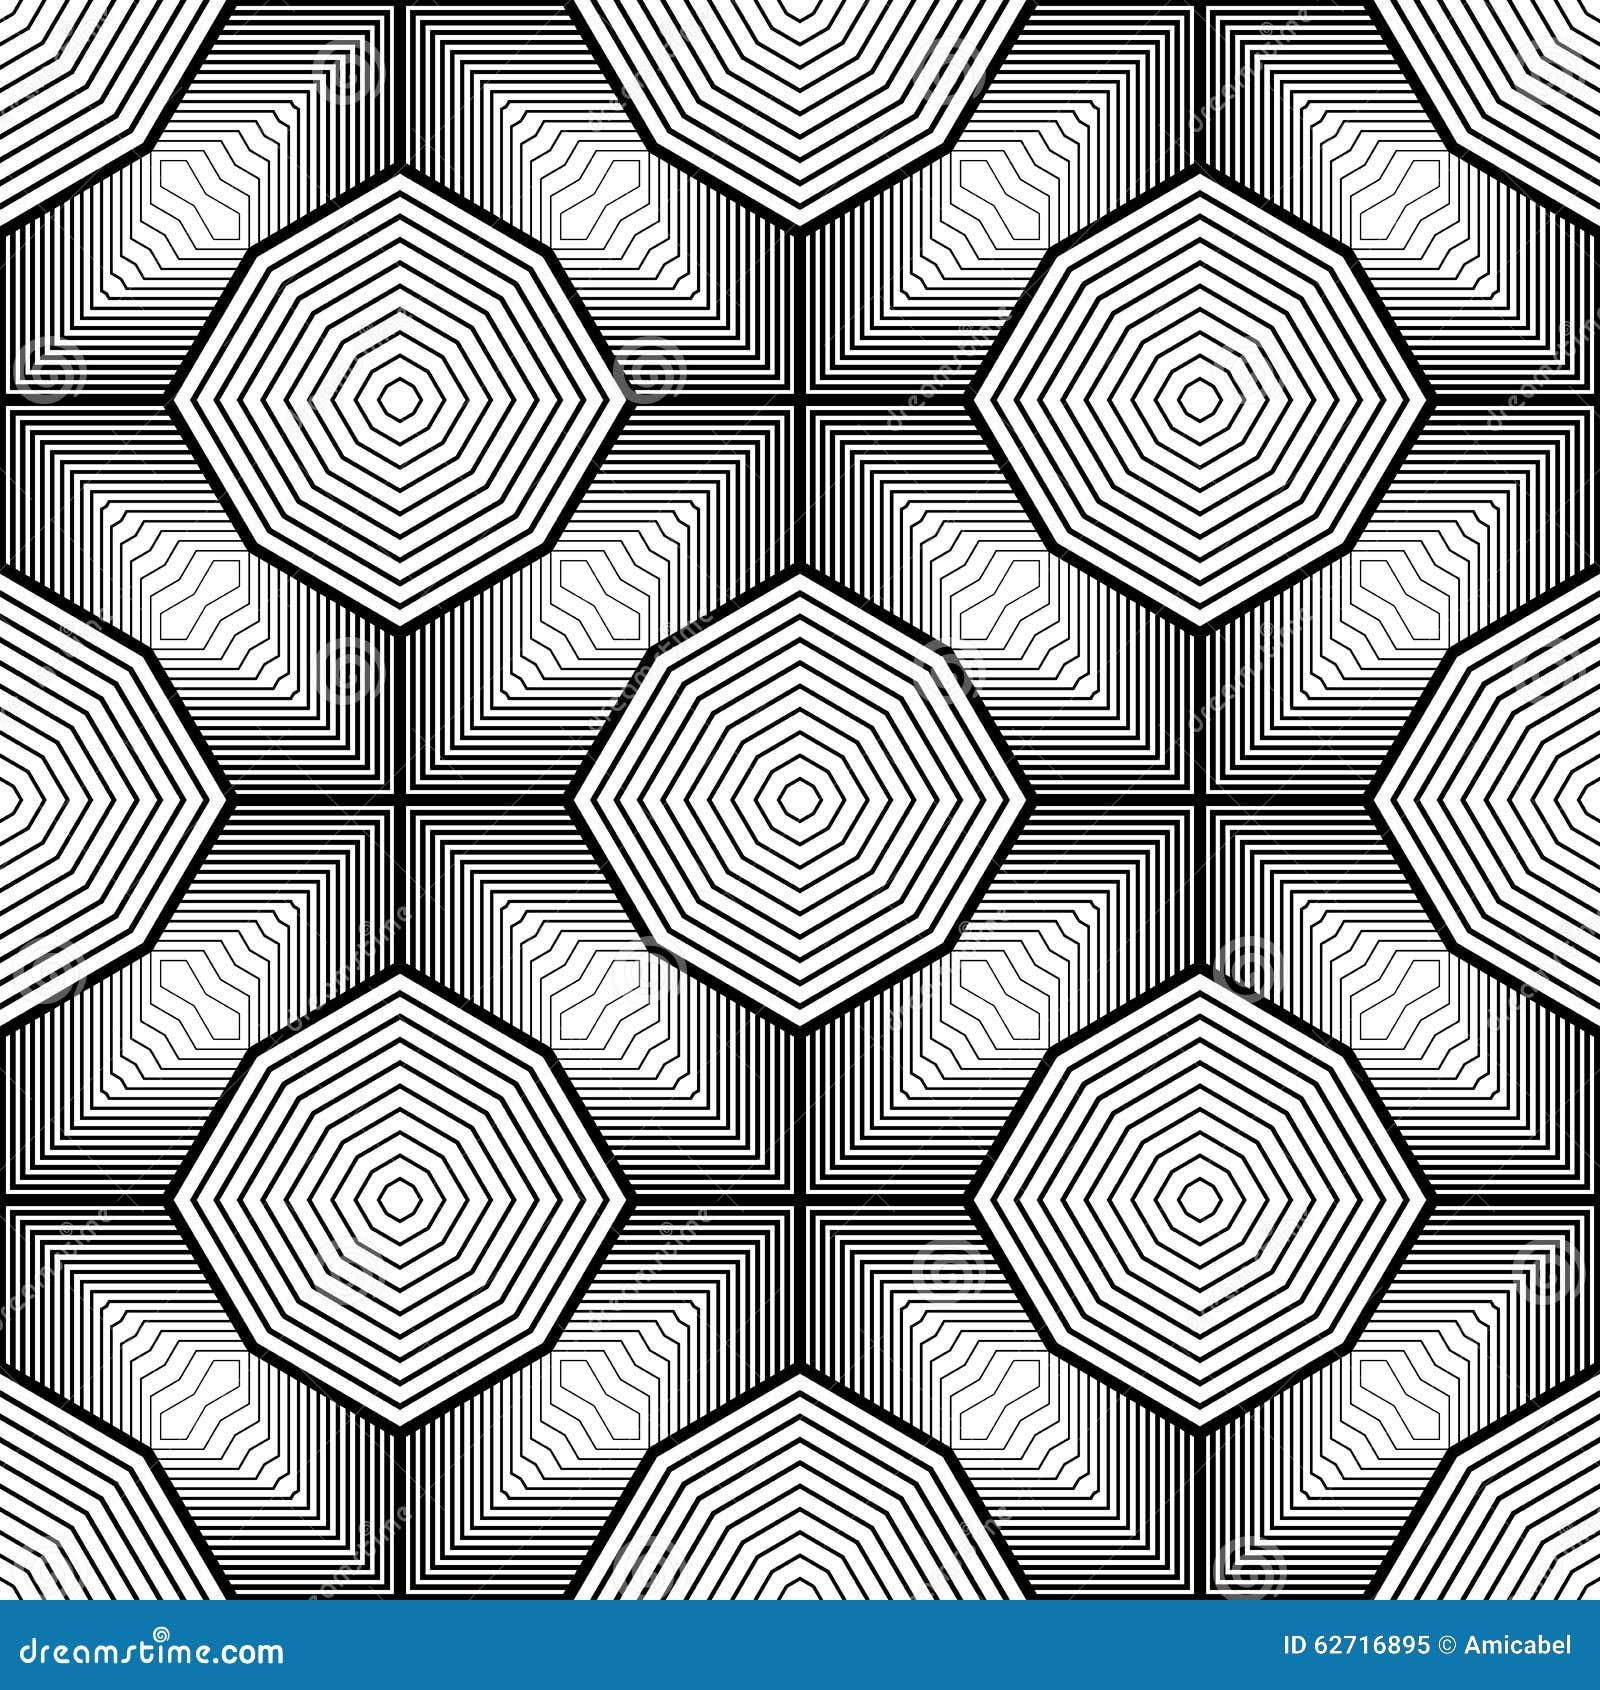 Άνευ ραφής μονοχρωματικό γεωμετρικό σχέδιο σχεδίου